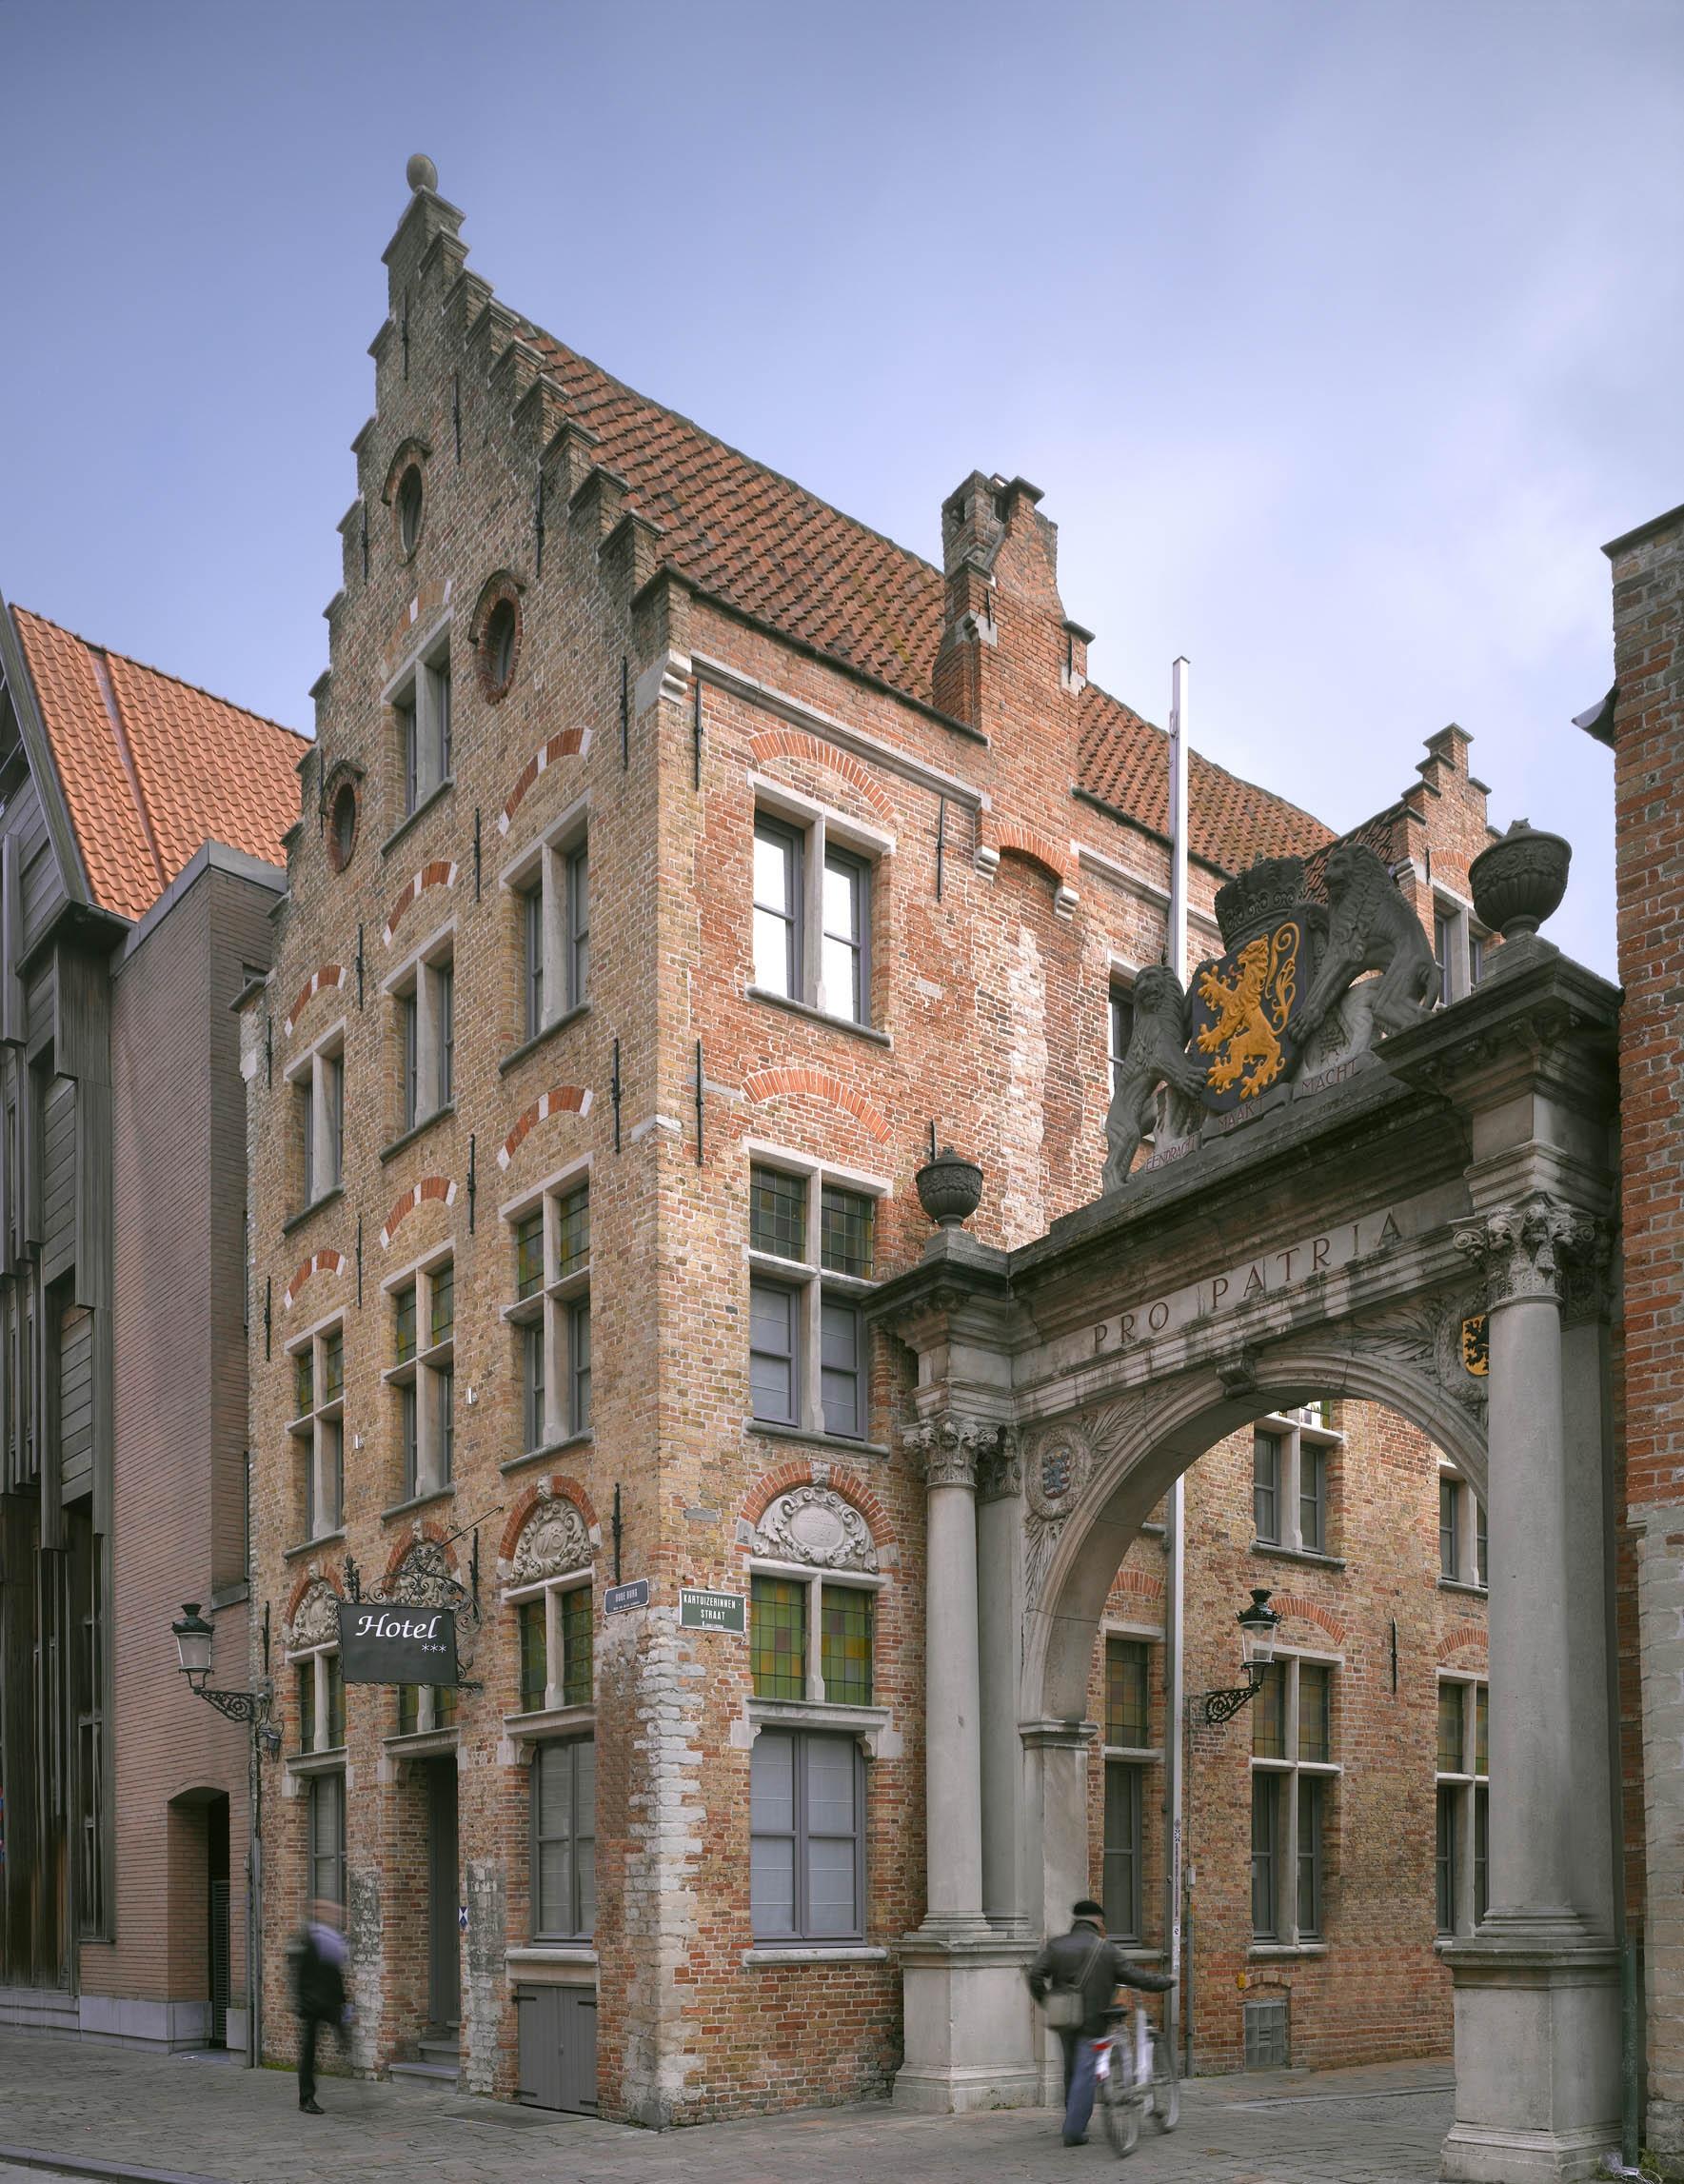 Brugge - Martins Brugge